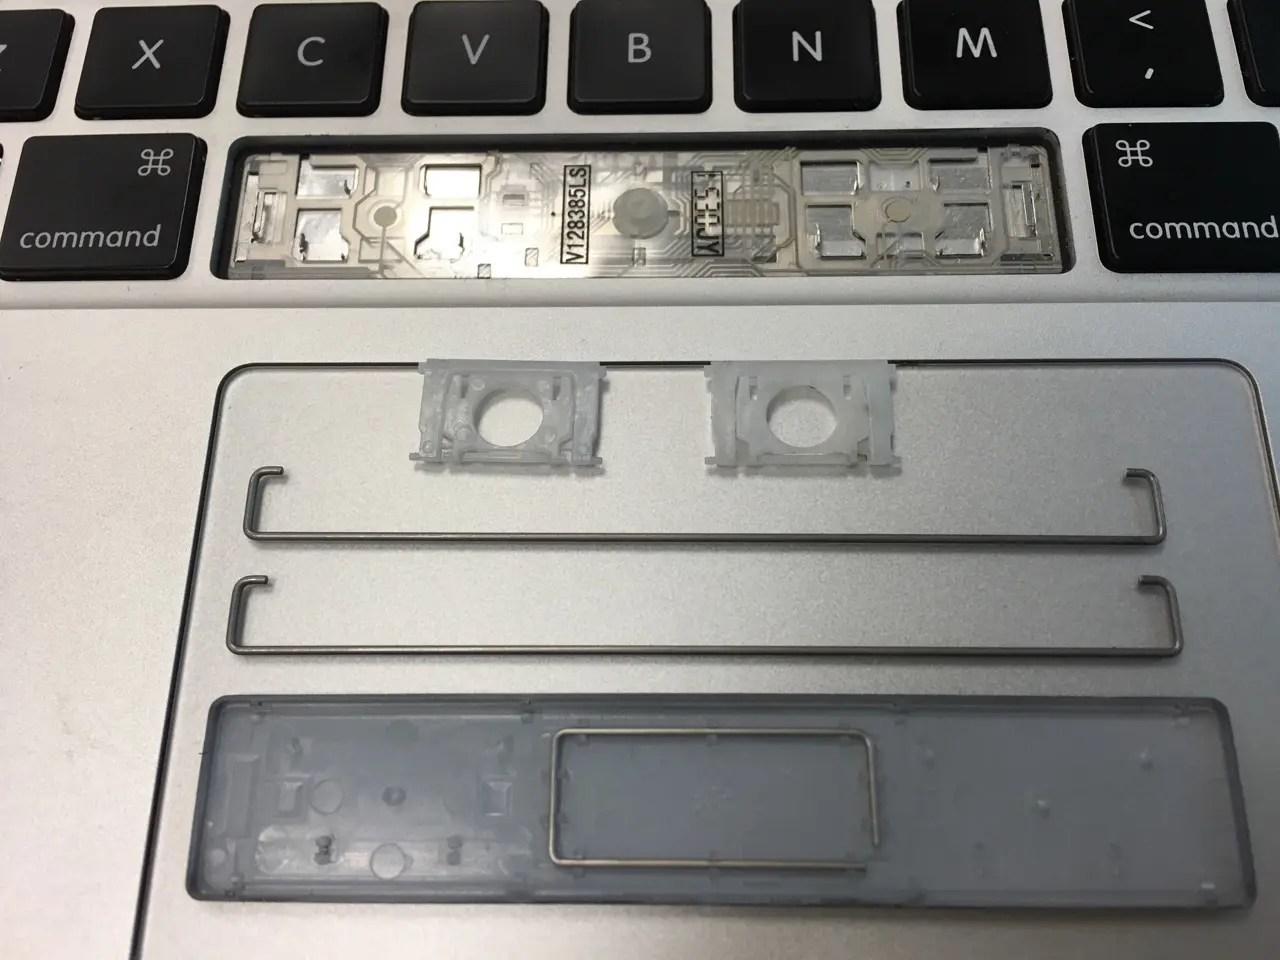 Macbook Pro鍵盤拆解教程 - 簡書